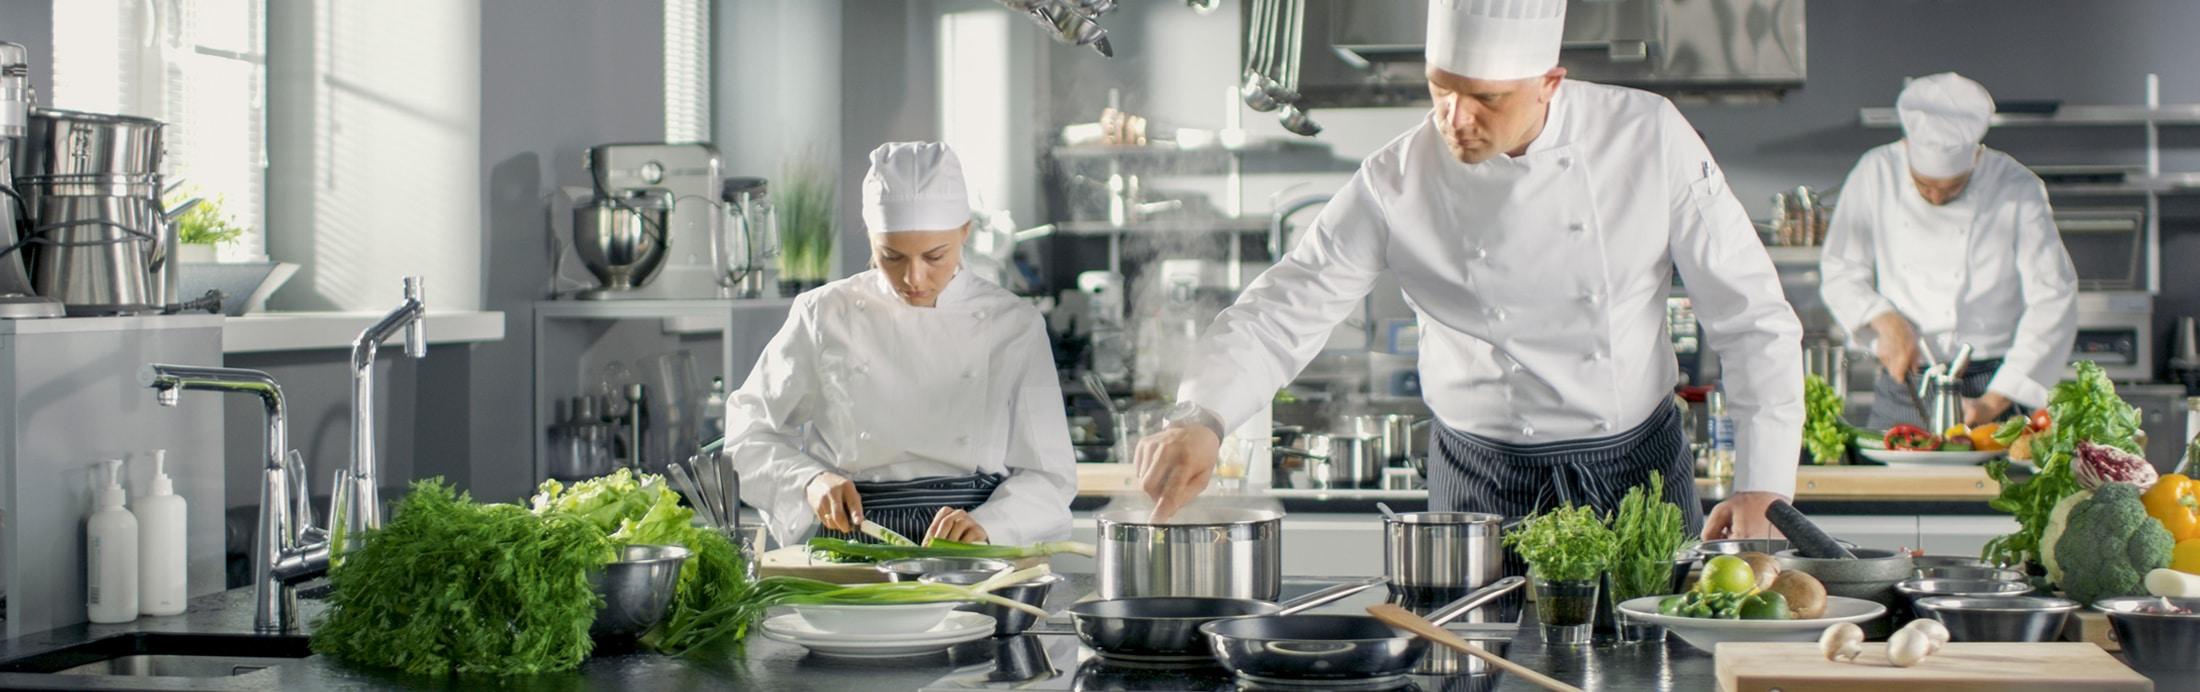 Gastronomie Und Handel